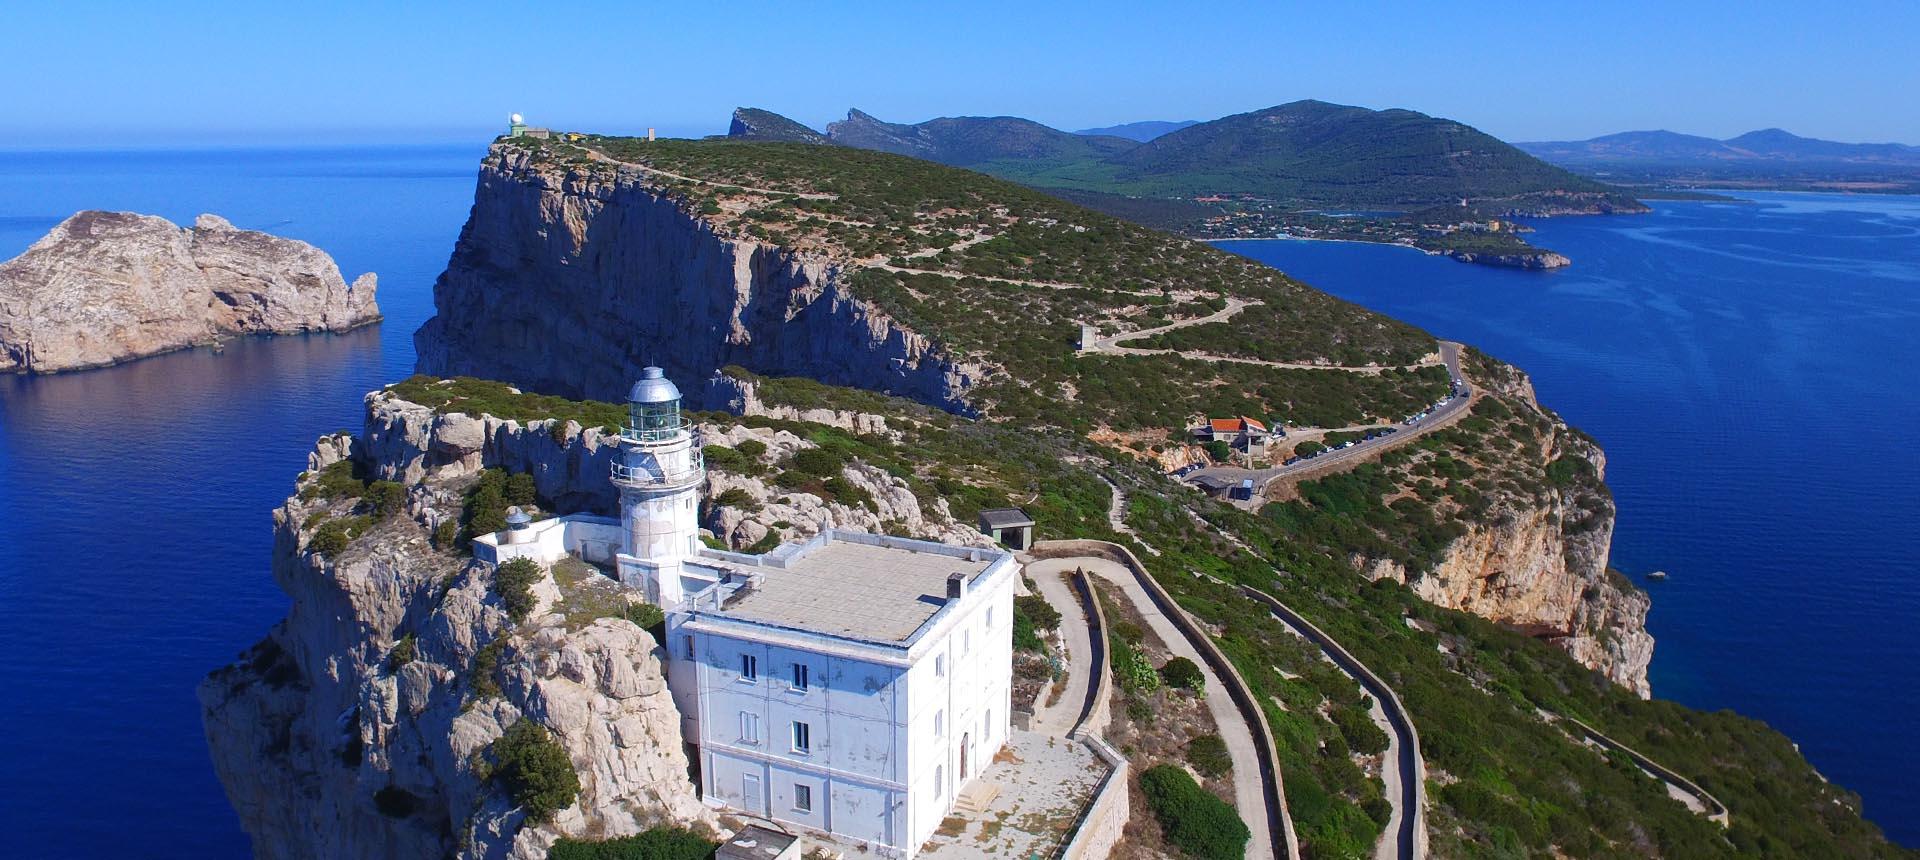 Alghero Resort 4x4 Escursioni